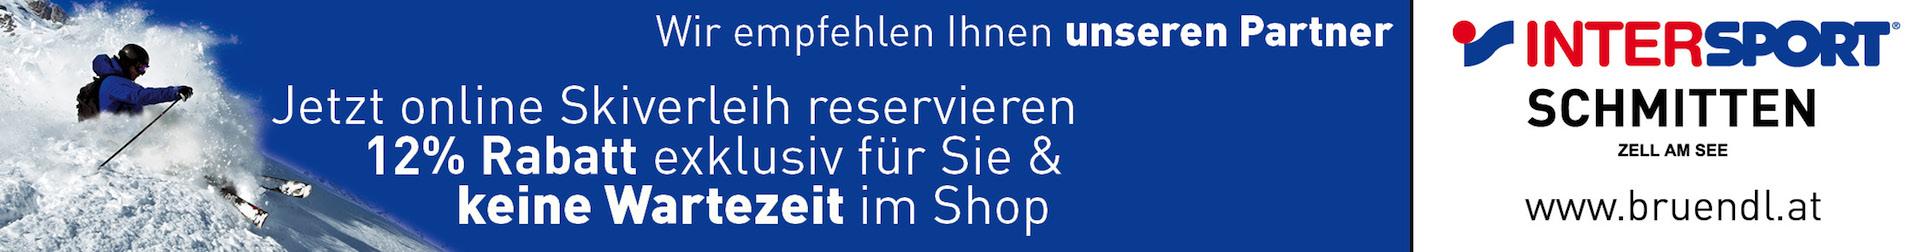 Skiverleih_zell_am_see_DE